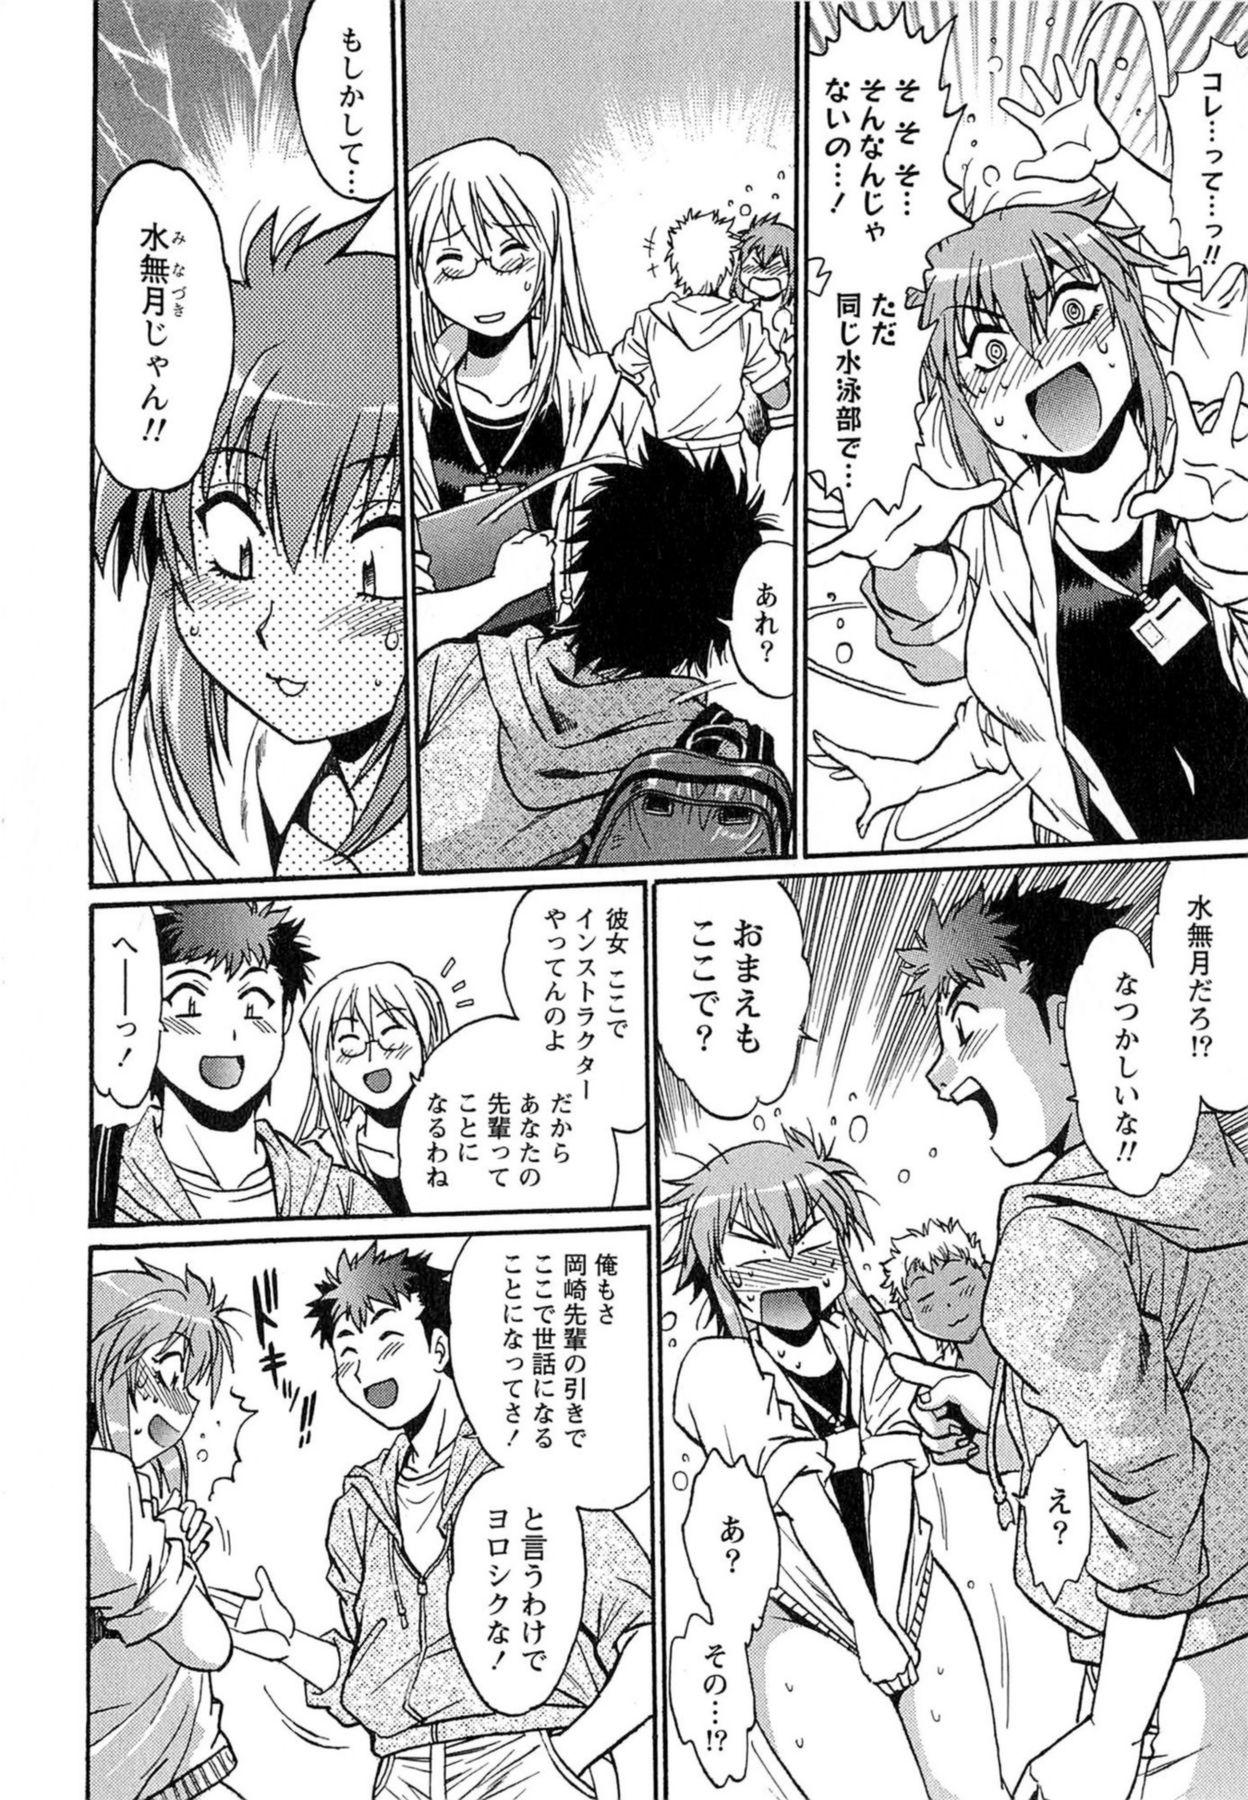 Kuikomi wo Naoshiteru Hima wa Nai! Vol. 1 14